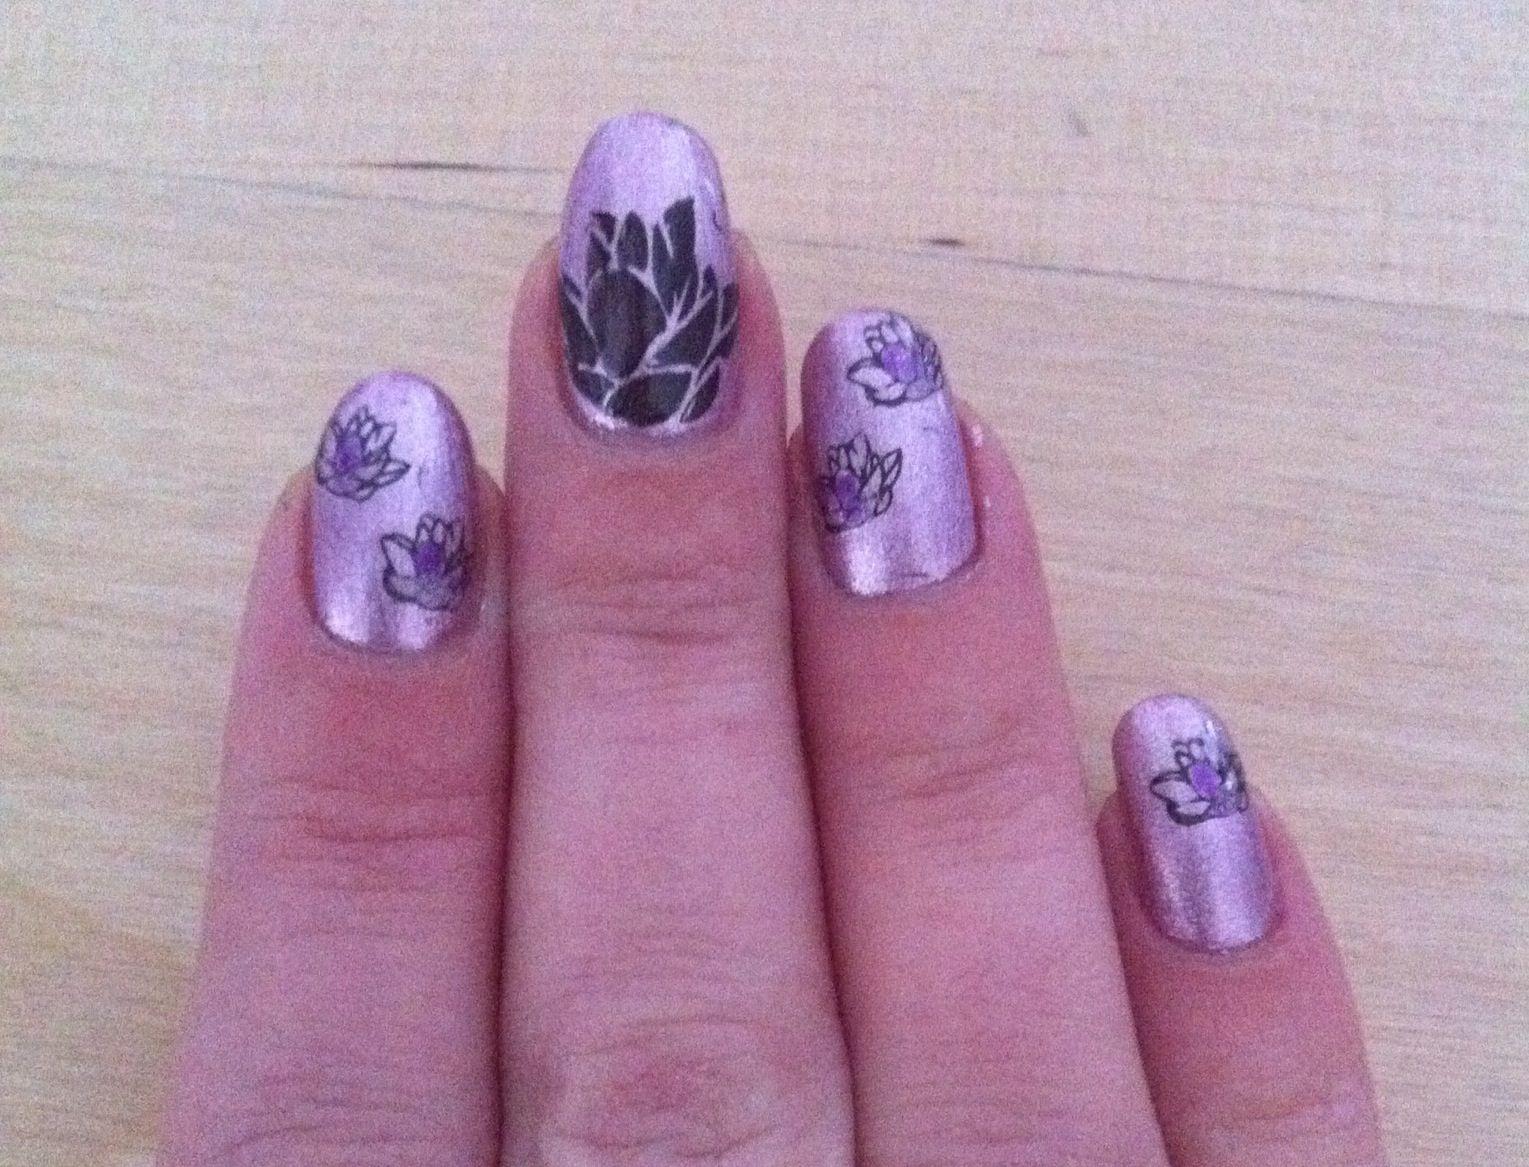 Lotus nail art | Nail art, Nails, Art